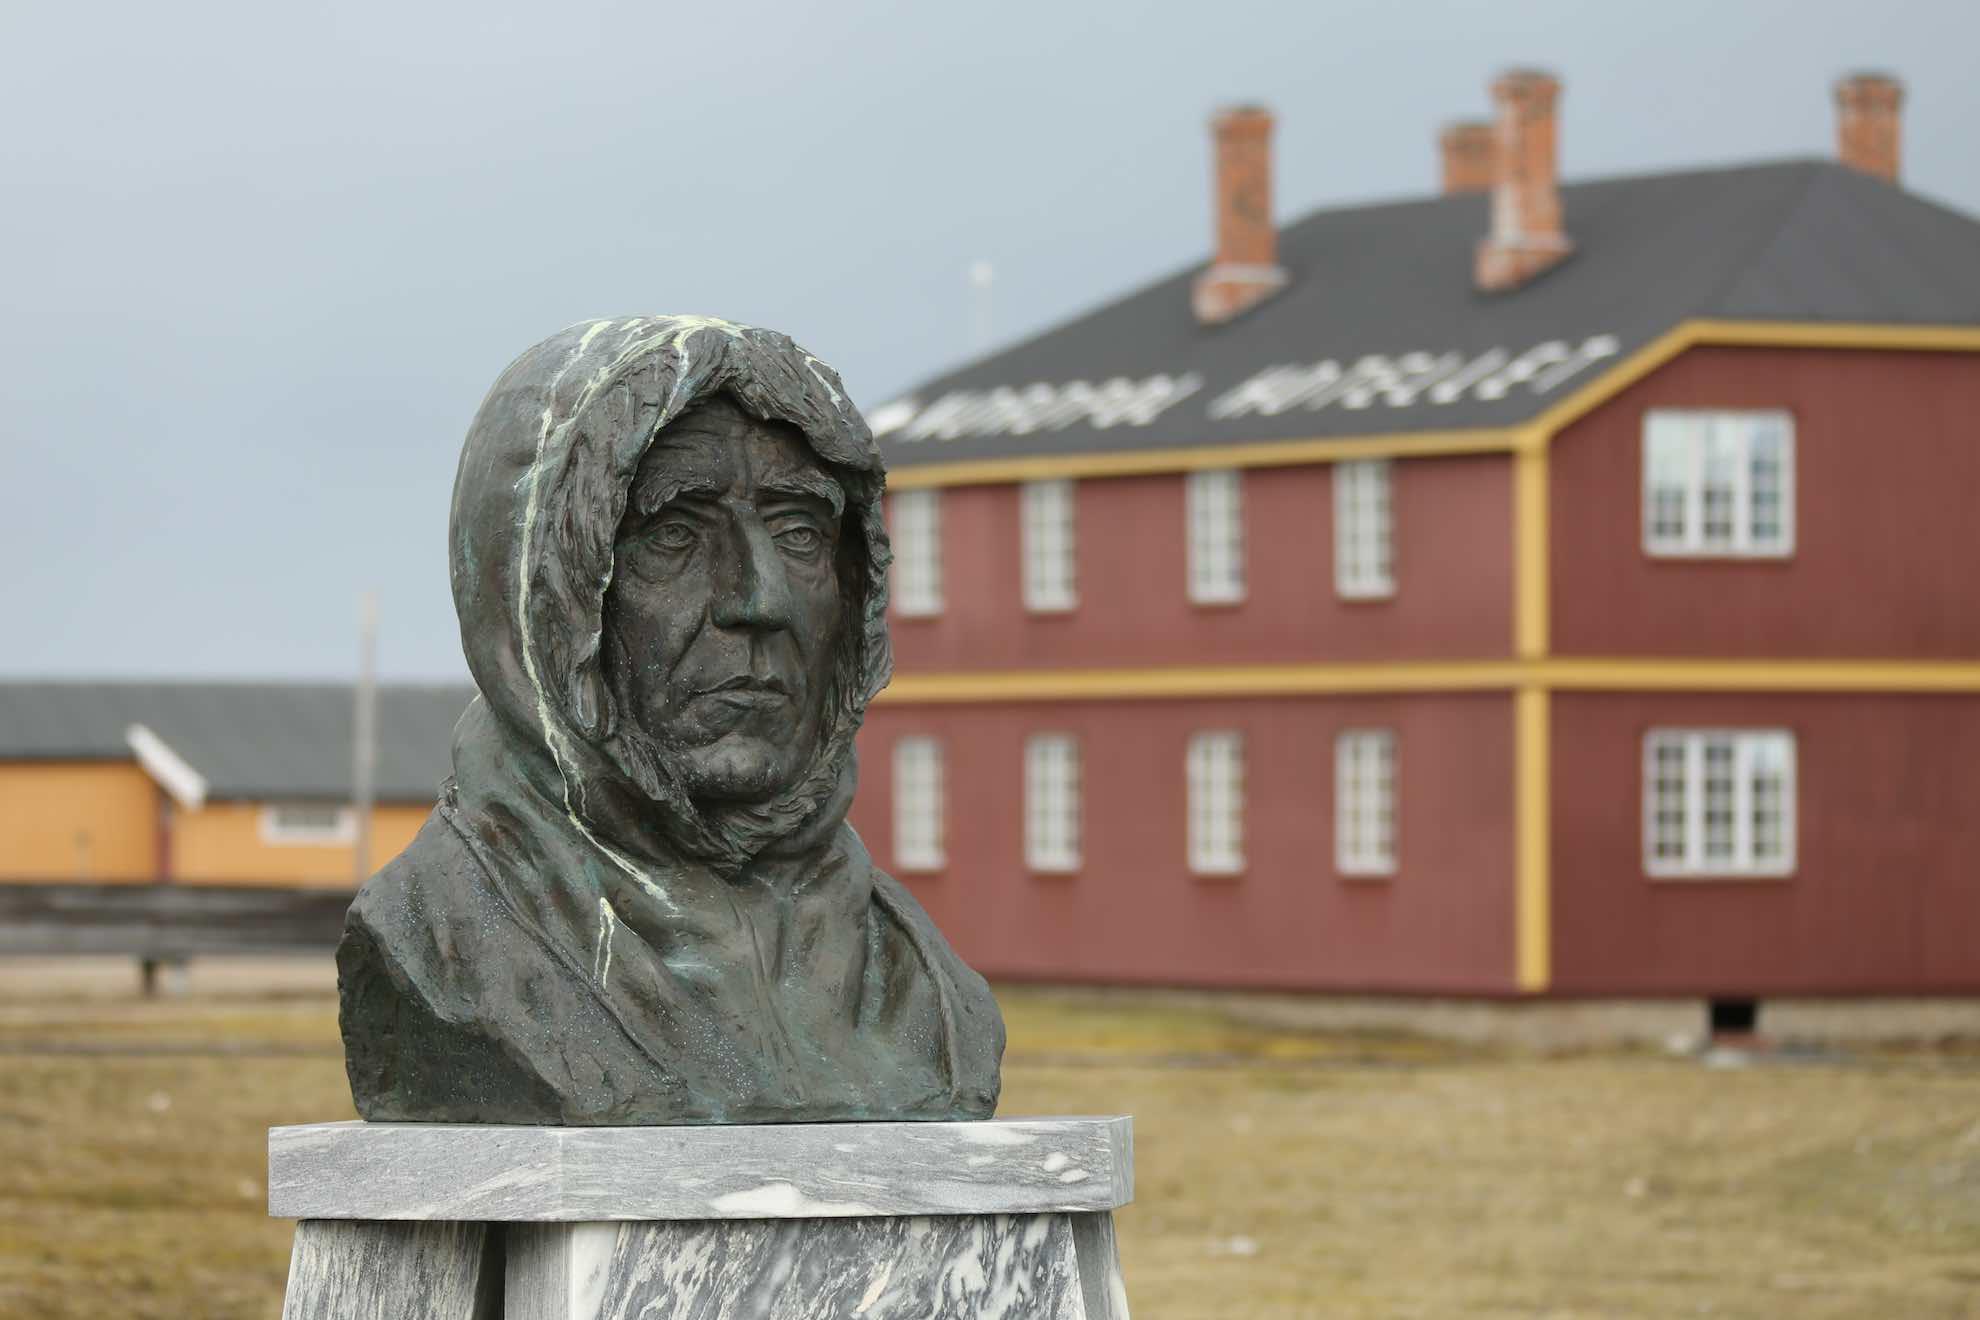 Eine Statue Roald Amundsens steht im Zentrum des Ortes, von dem aus er einige seiner Expeditionen startete.